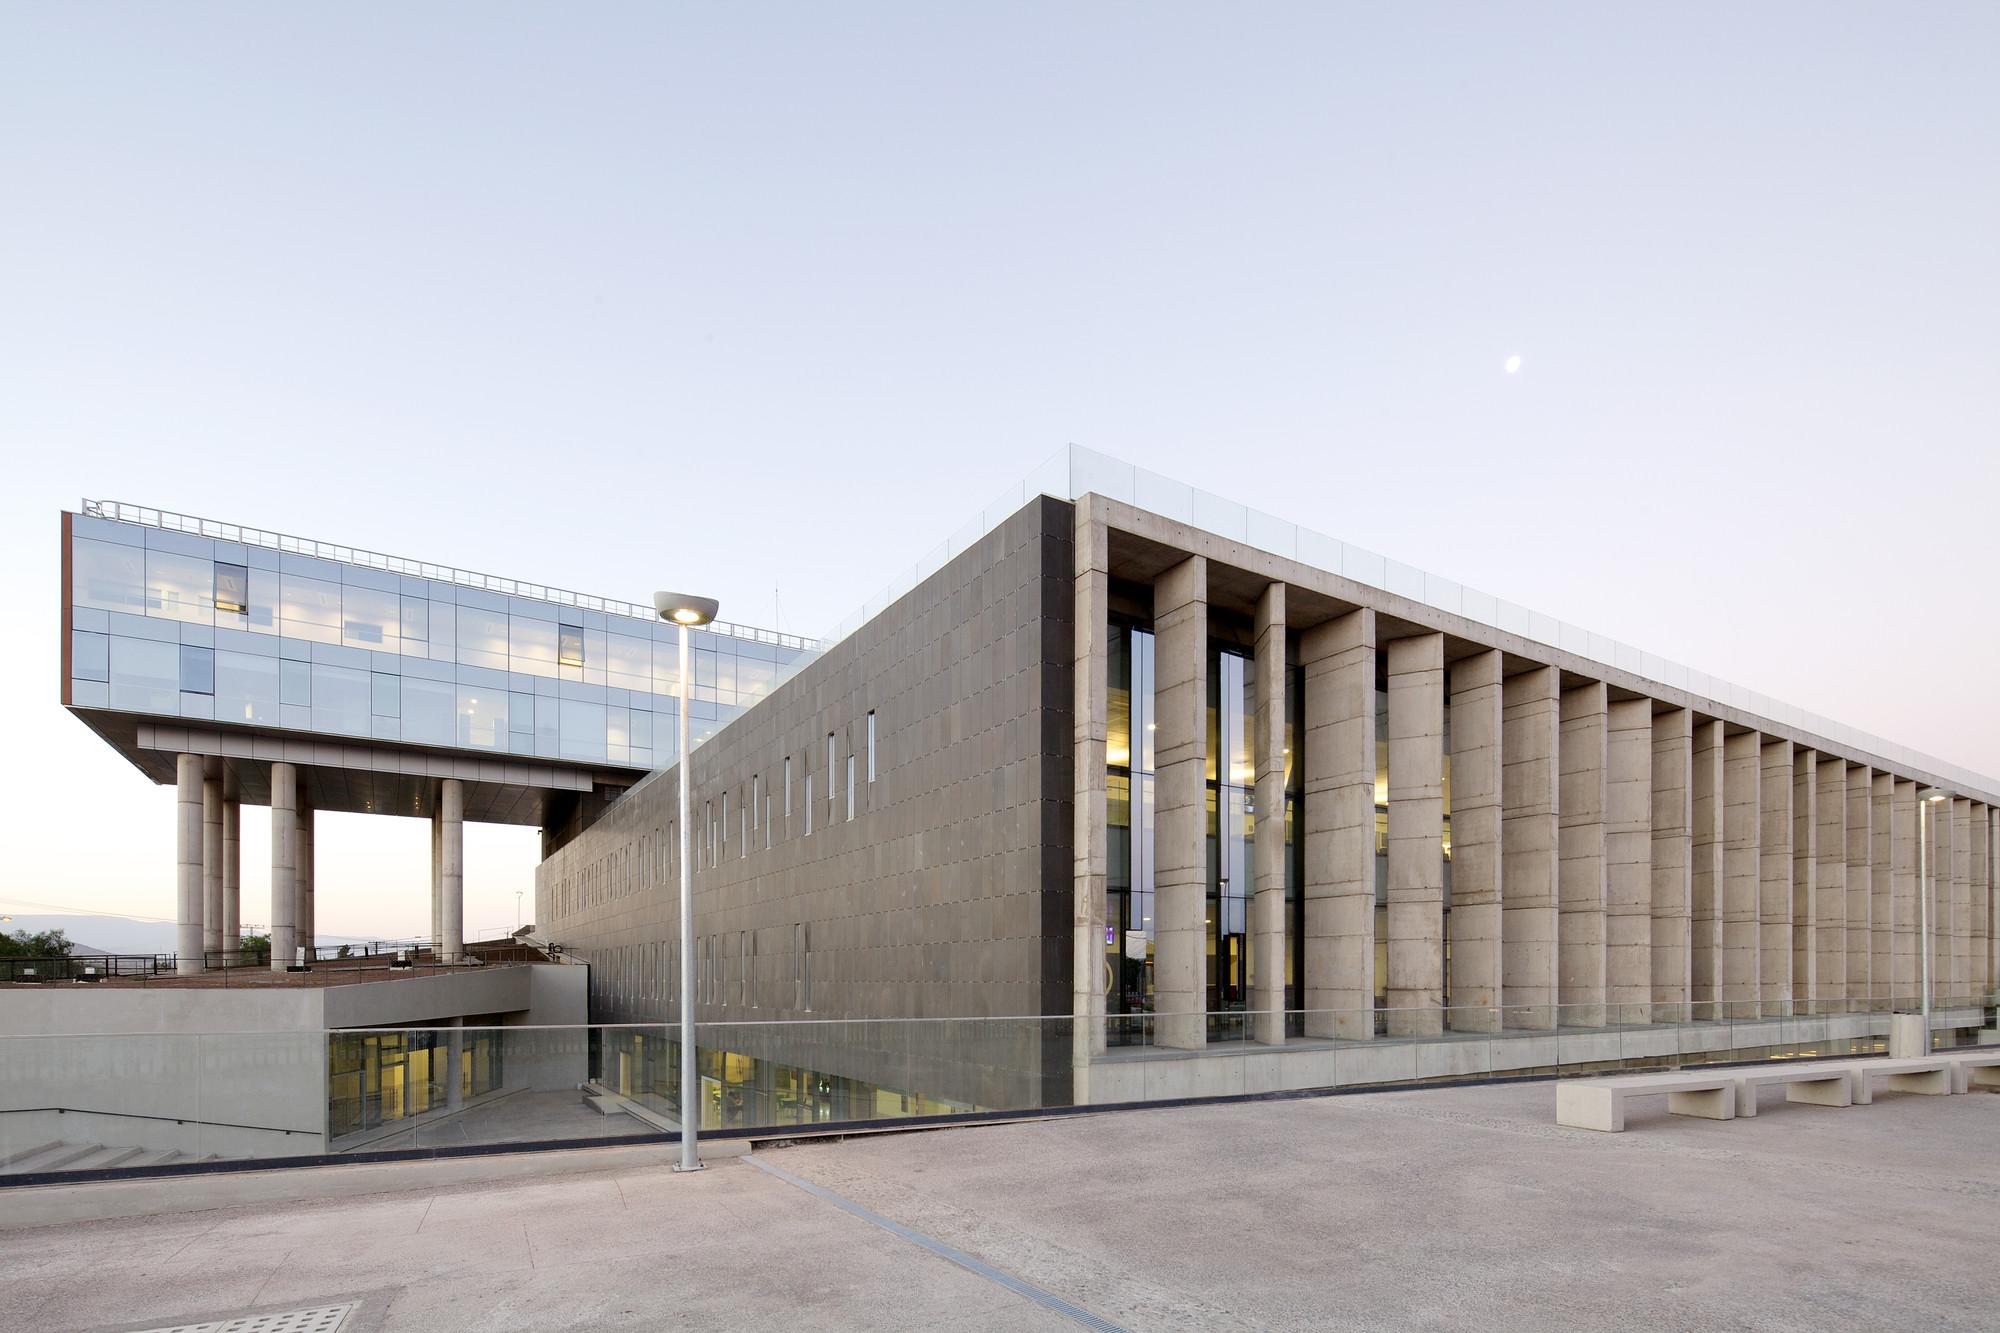 Chile: Hospital El Carmen de Maipú obtiene Primer Lugar en Congreso Internacional de Hospitales, Hospital El Carmen de Maipú. Image © Nico Saieh